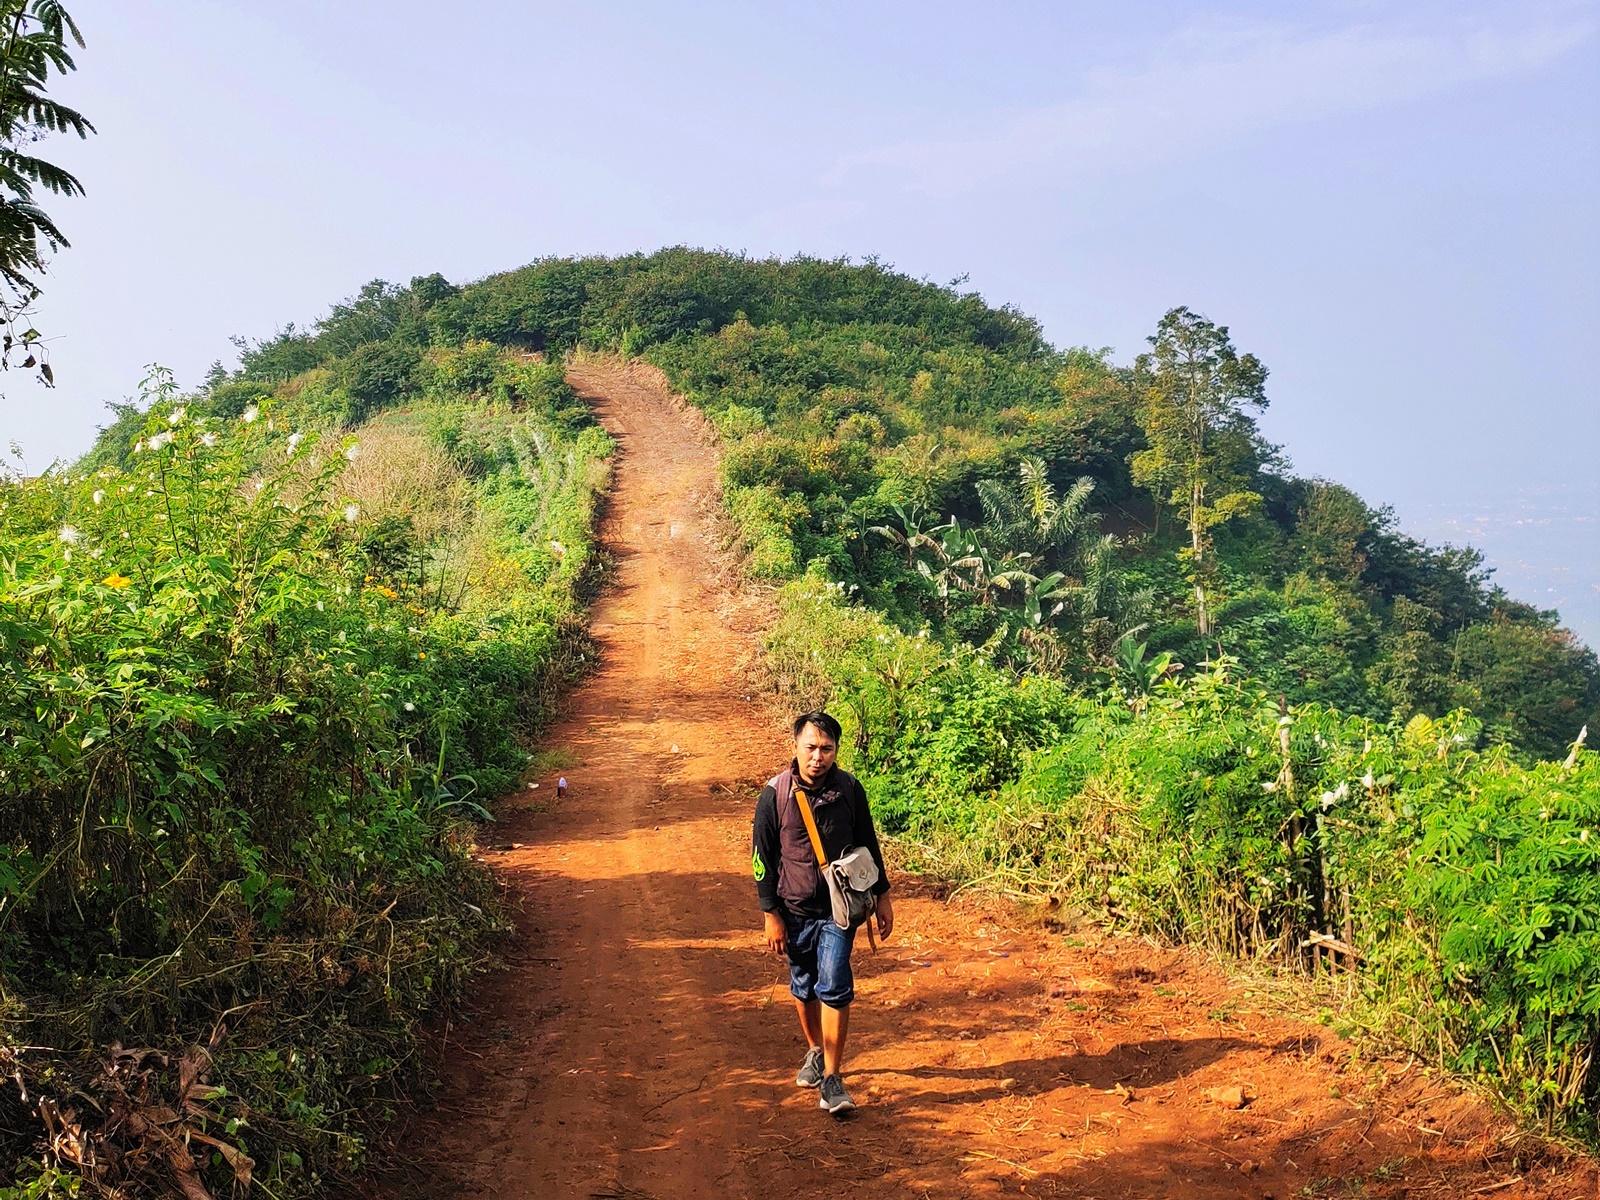 Jalur hiking landai